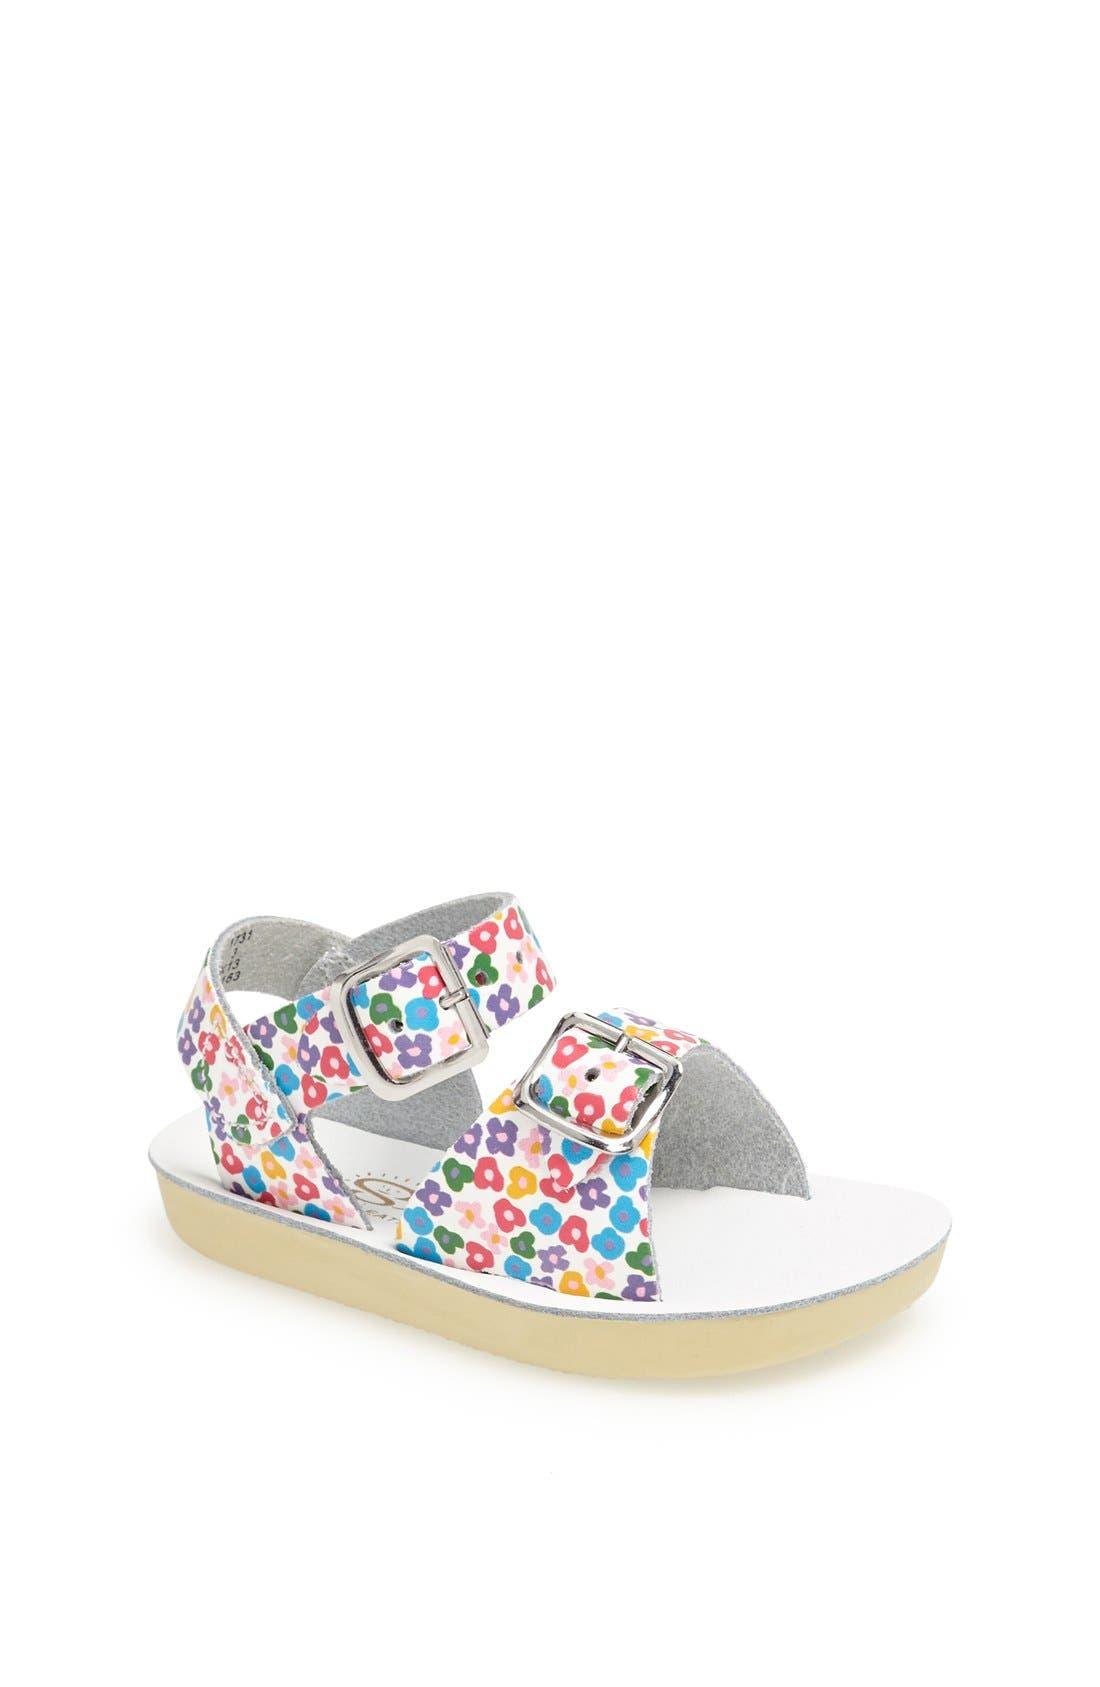 Hoy Shoe Salt-Water<sup>®</sup> Sandals 'Surfer' Sandal,                         Main,                         color,